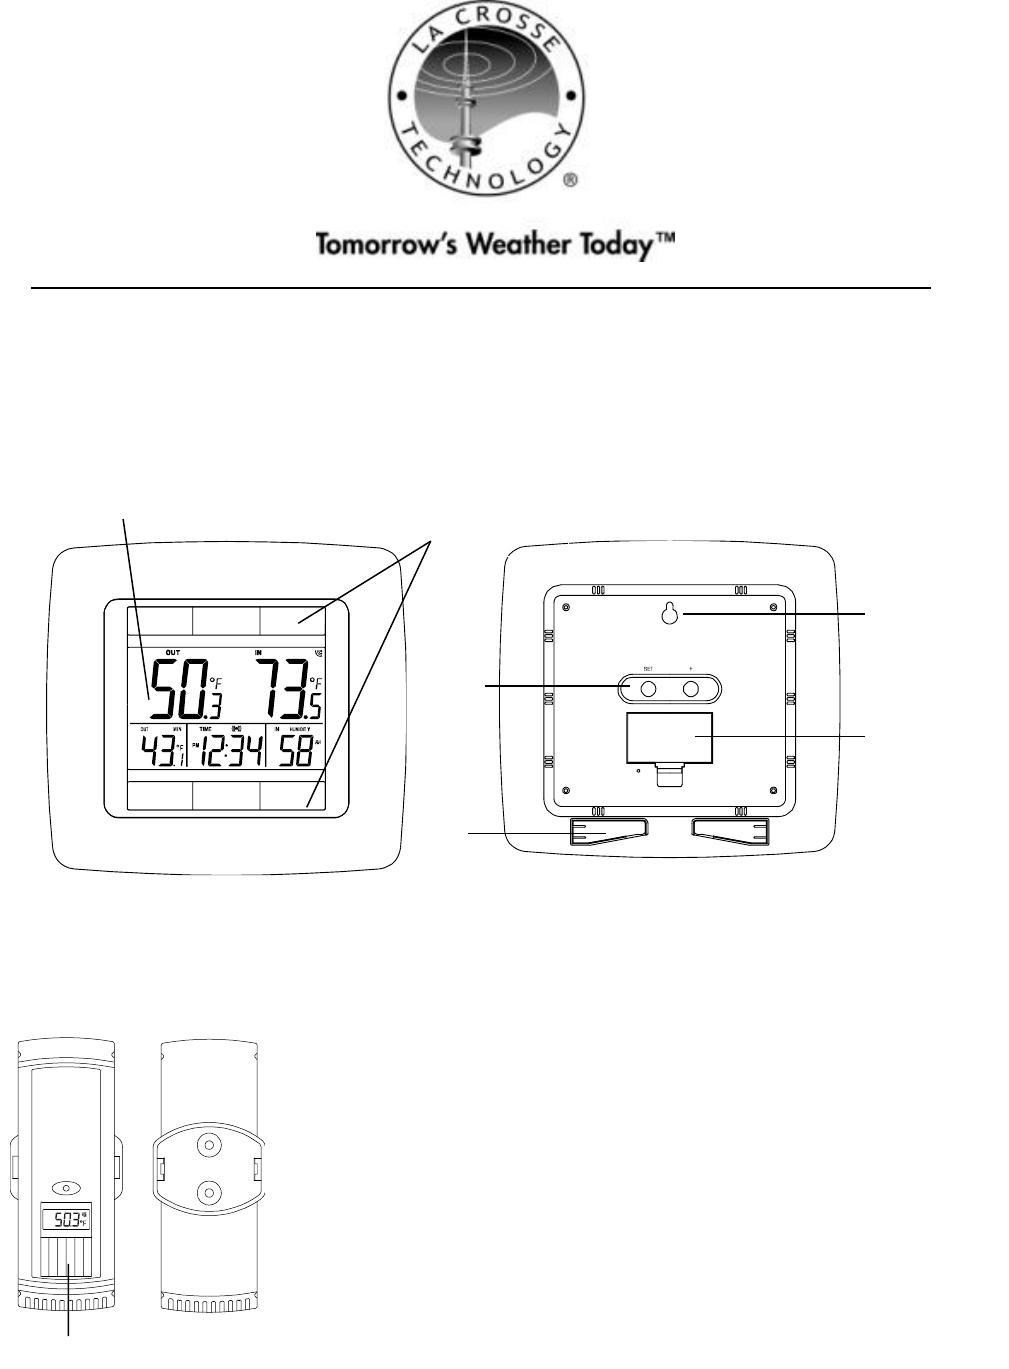 La Crosse Technology Weather Radio TX62U-IT User Guide